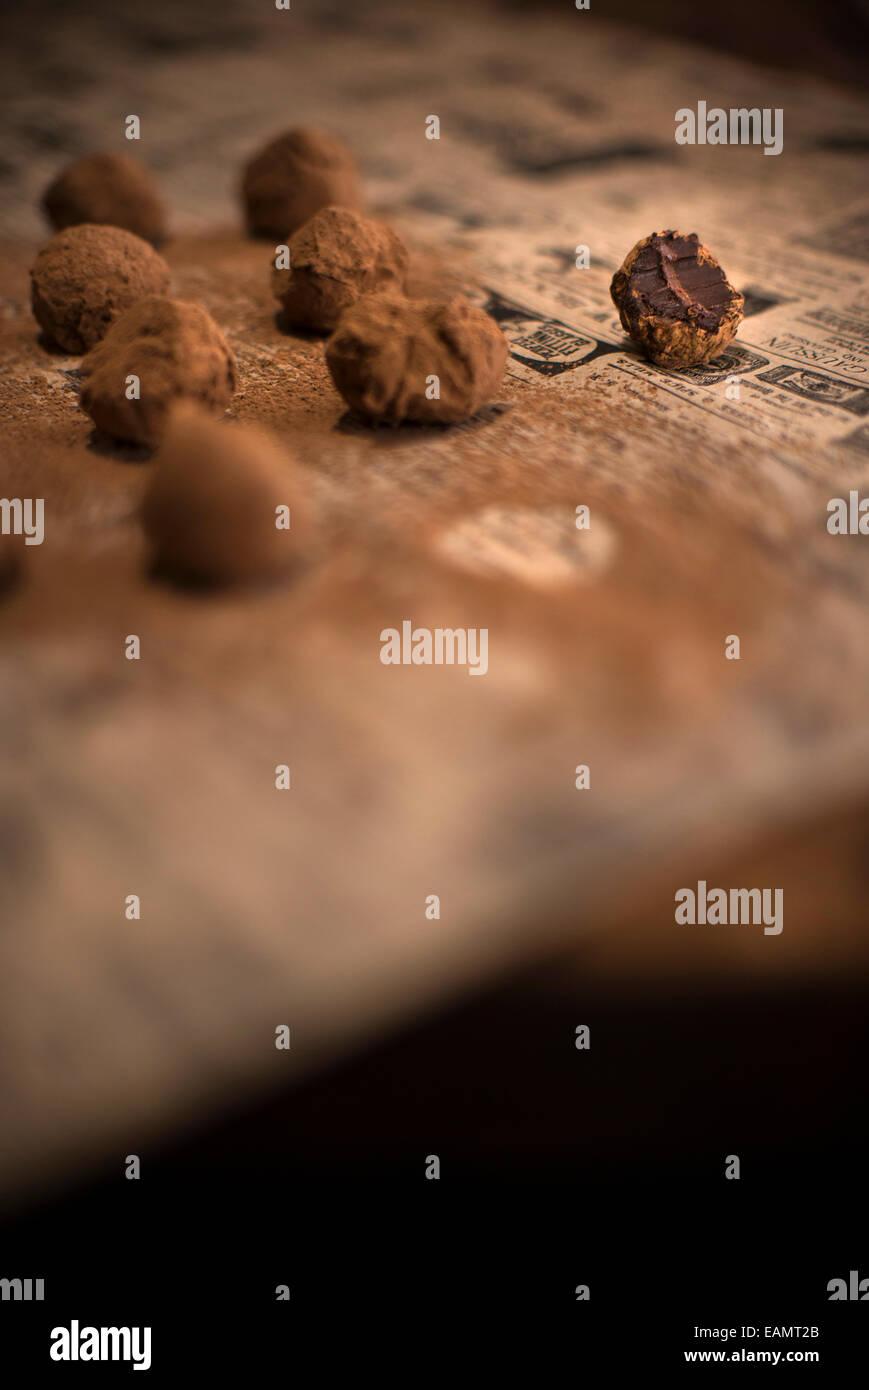 Filas de trufas de chocolate cubierto de cacao en periódicos antiguos y superficie de madera rústica. Imagen De Stock